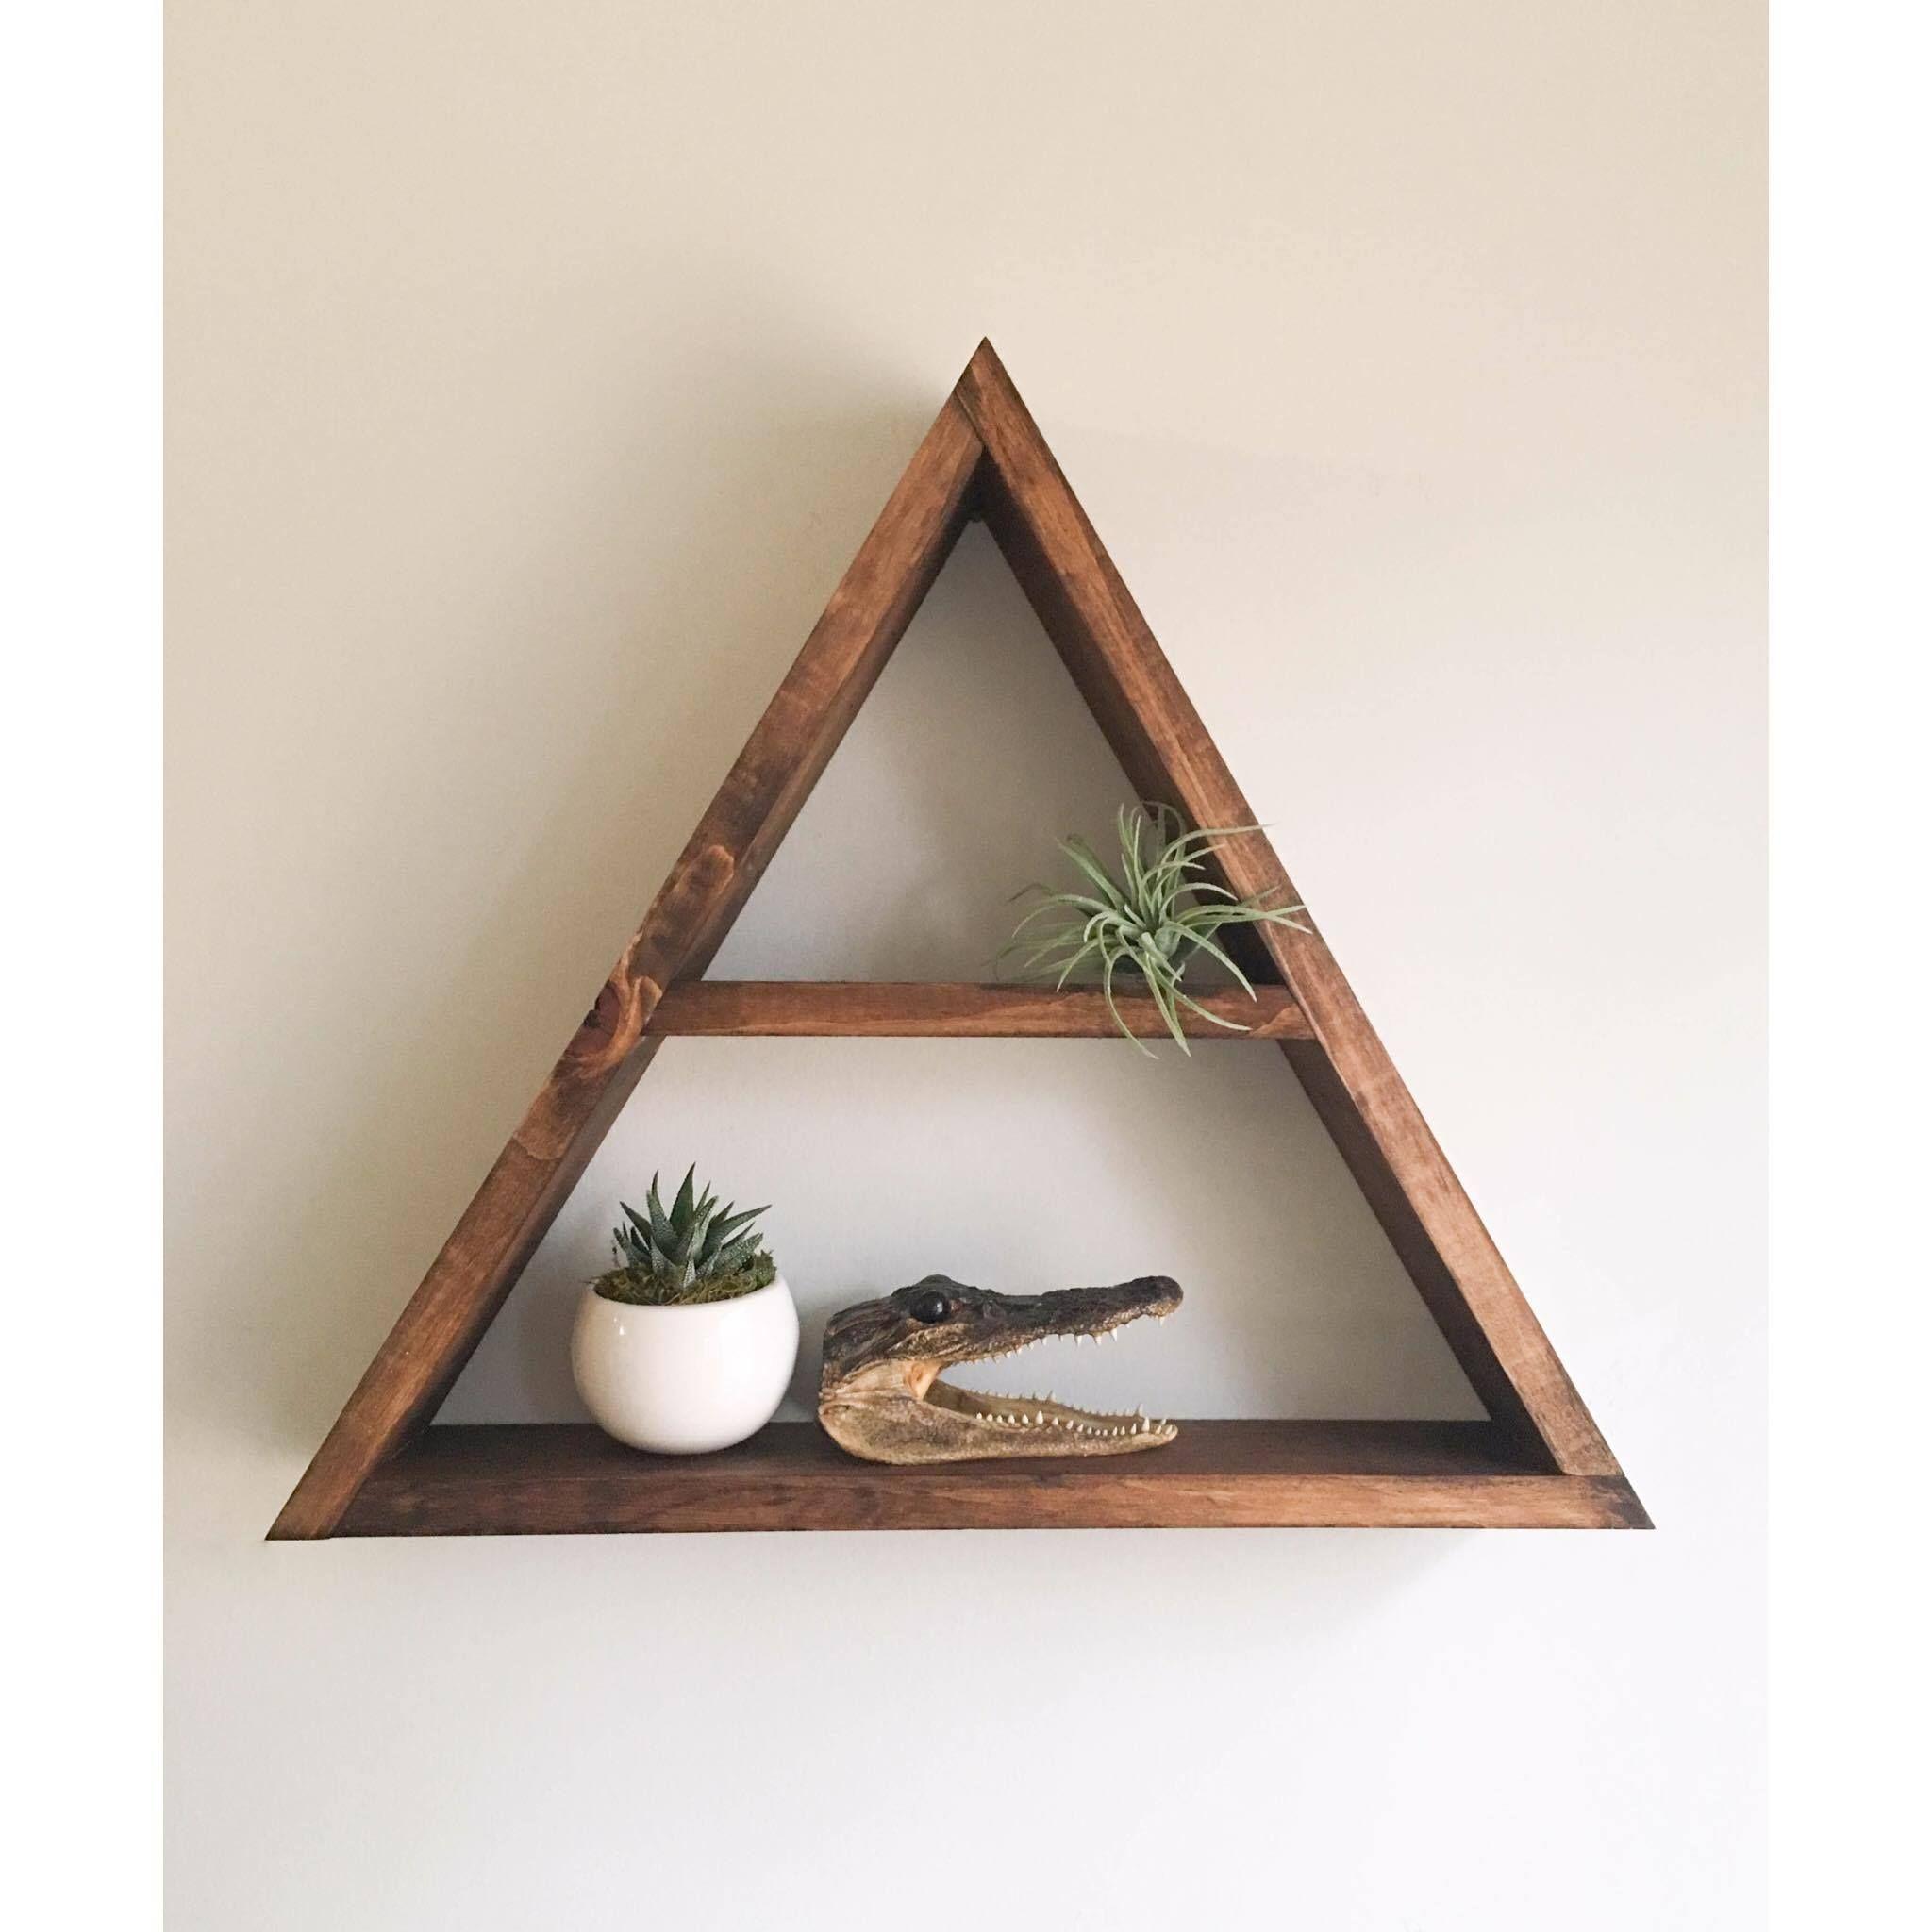 Triangle shelf crystal shelf shadow box wood shelf floating shelf wall shelf crystal display crystal altar sold by a rae handcrafts